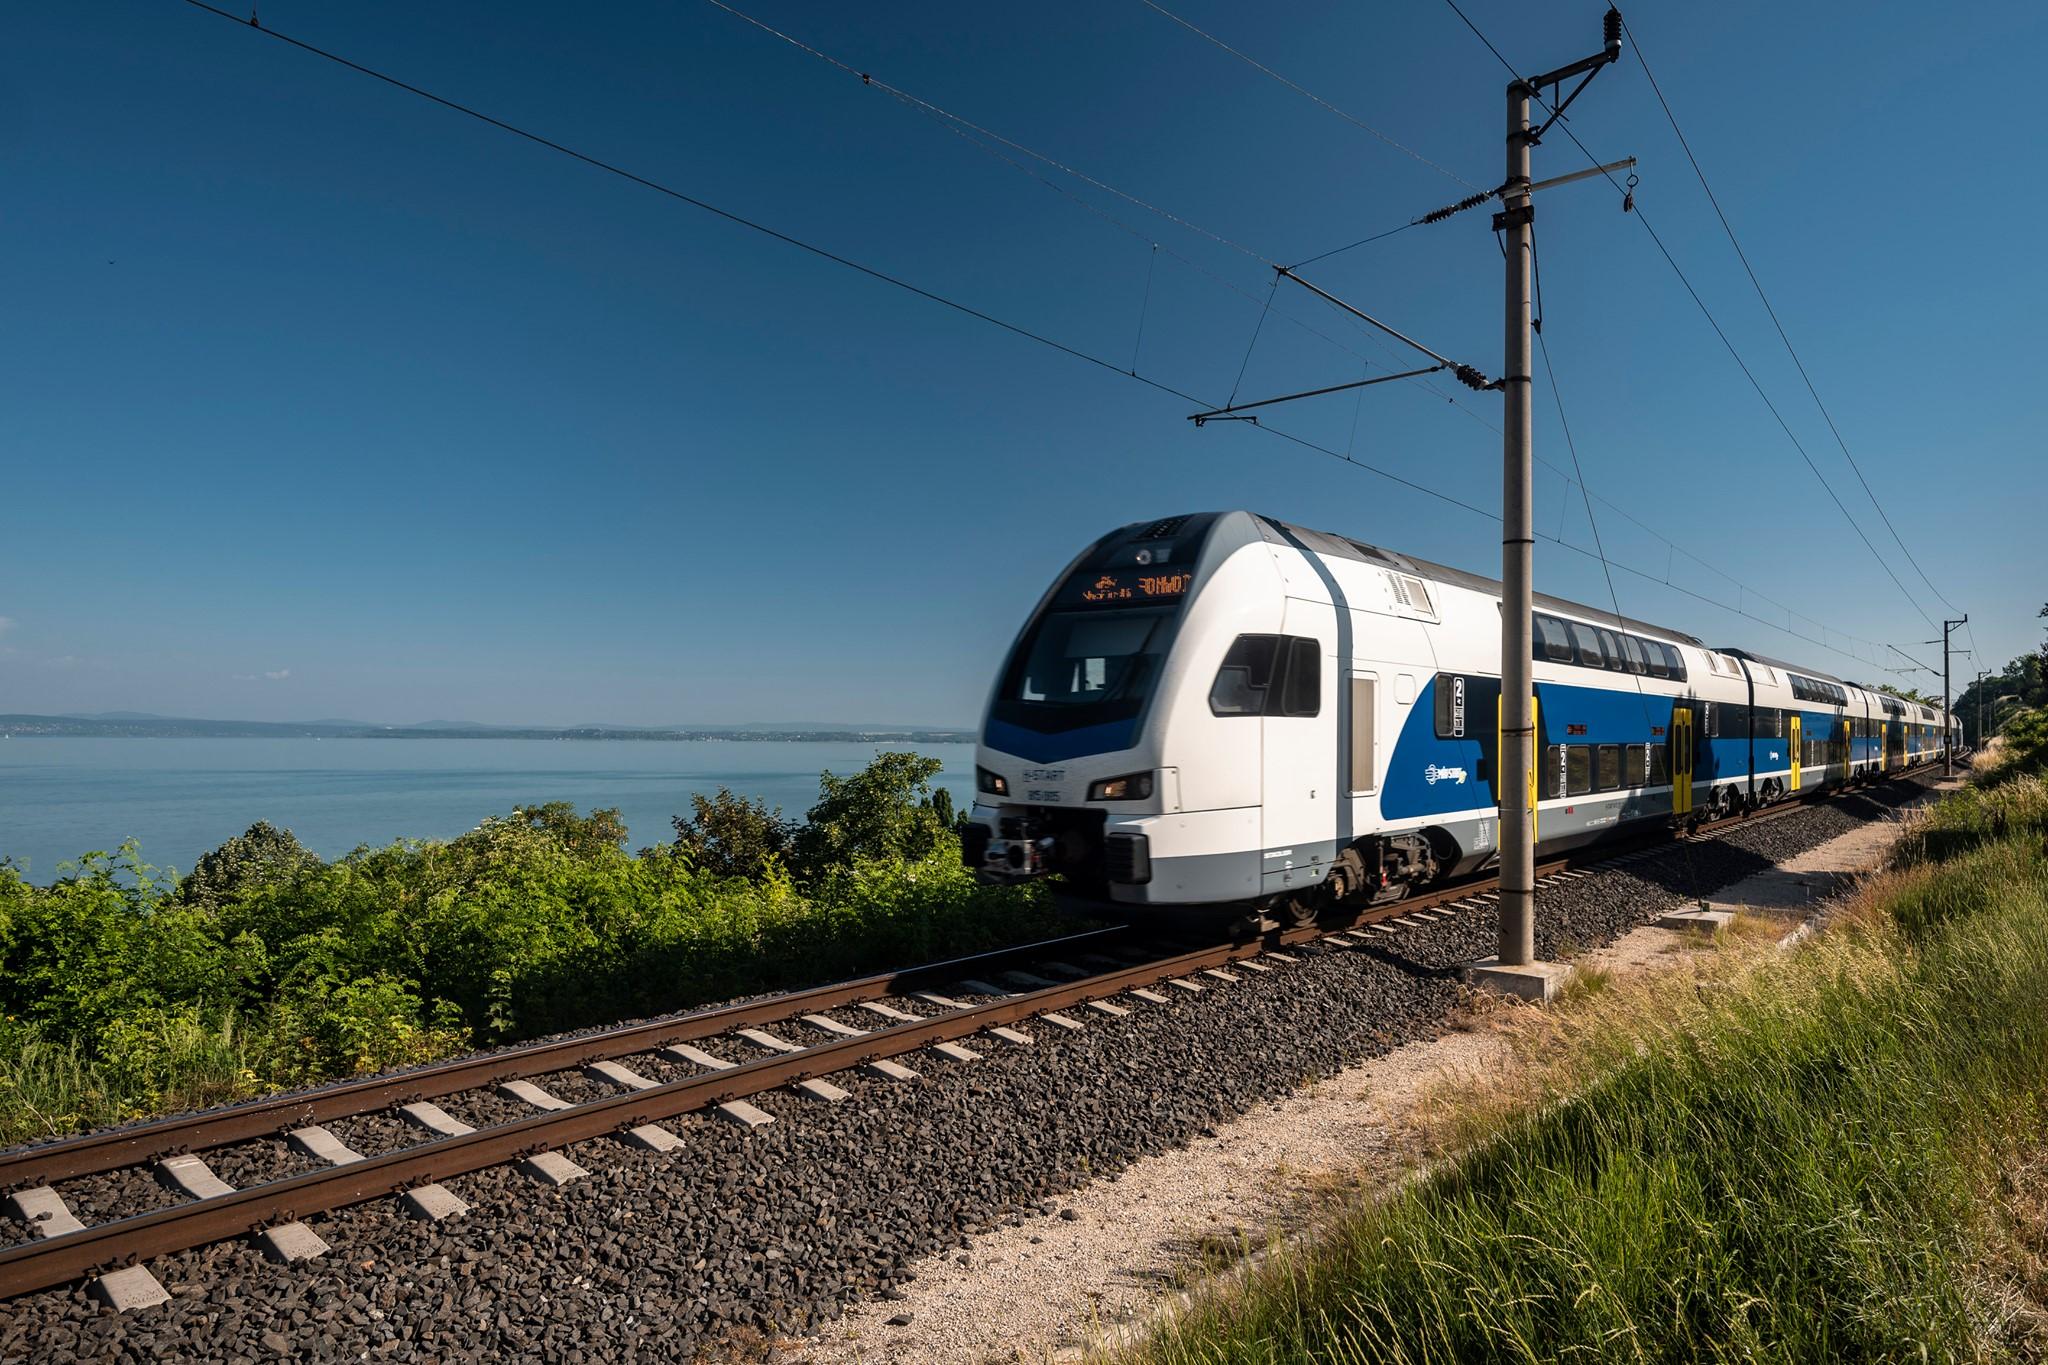 Fák dőltek ki, késnek a vonatok a Budapest-Debrecen-Nyíregyháza-Záhony vonalon